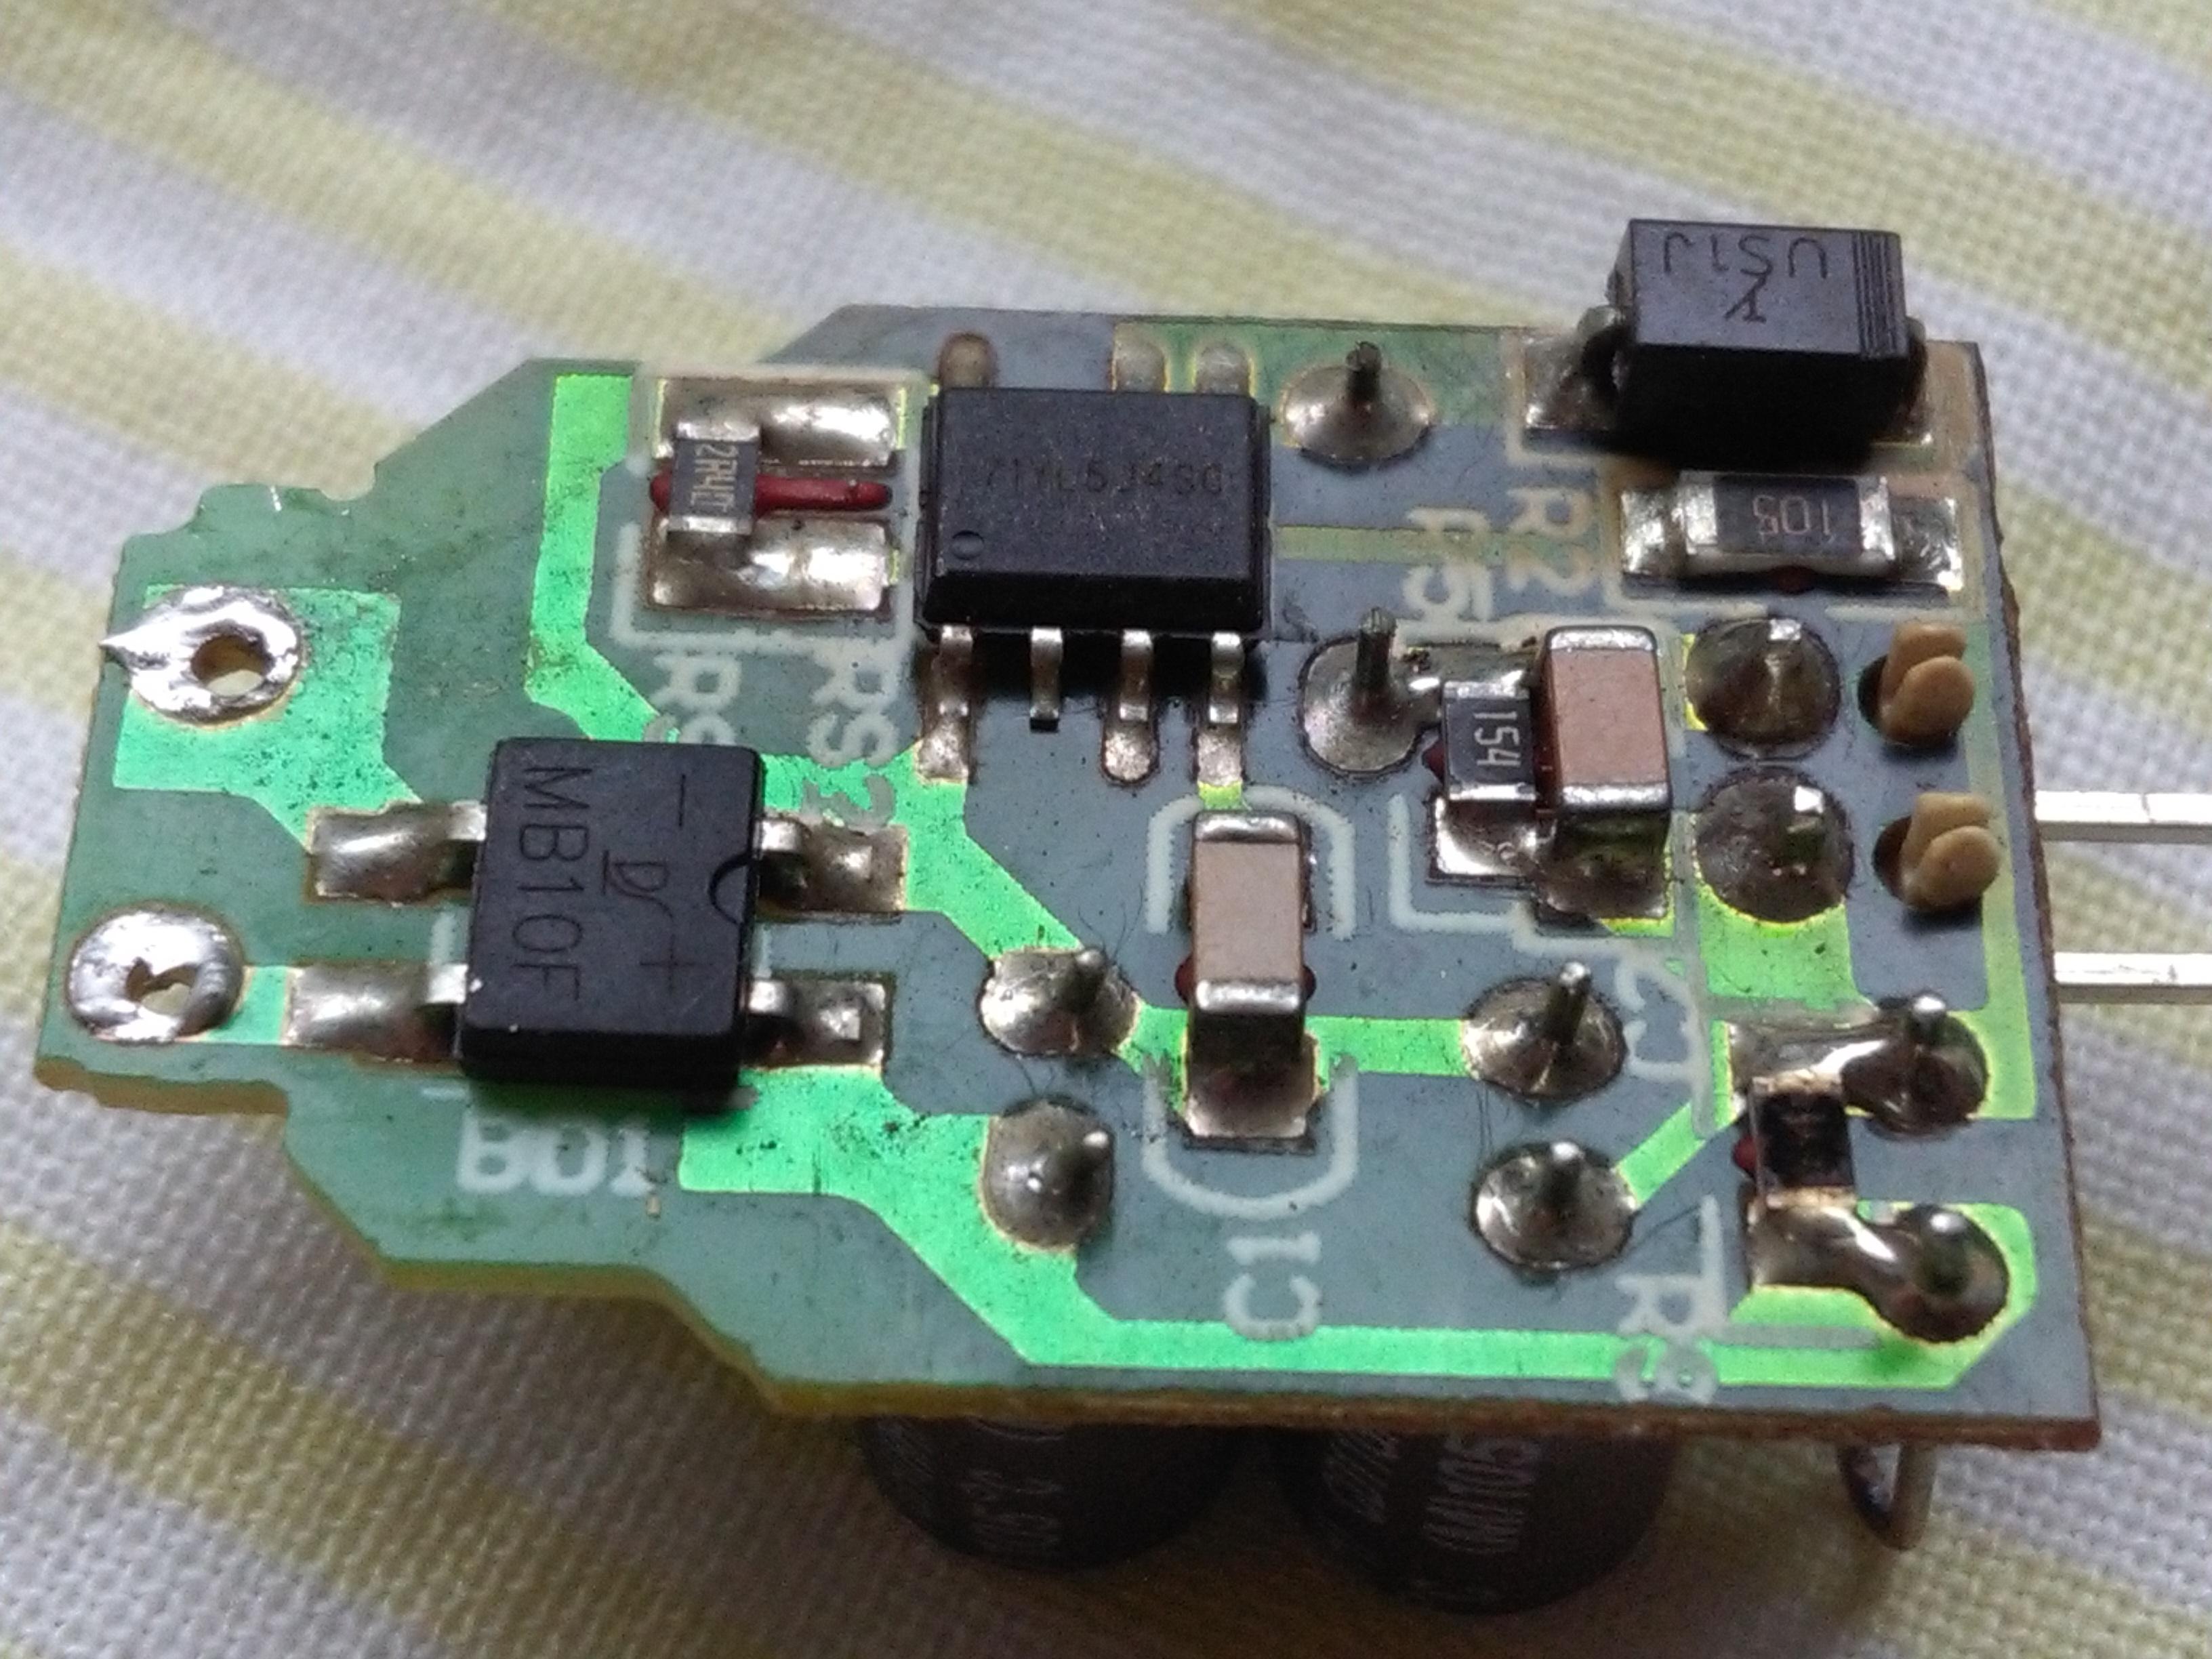 Nowość LED miga - efekt stroboskopowy - elektroda.pl YV77